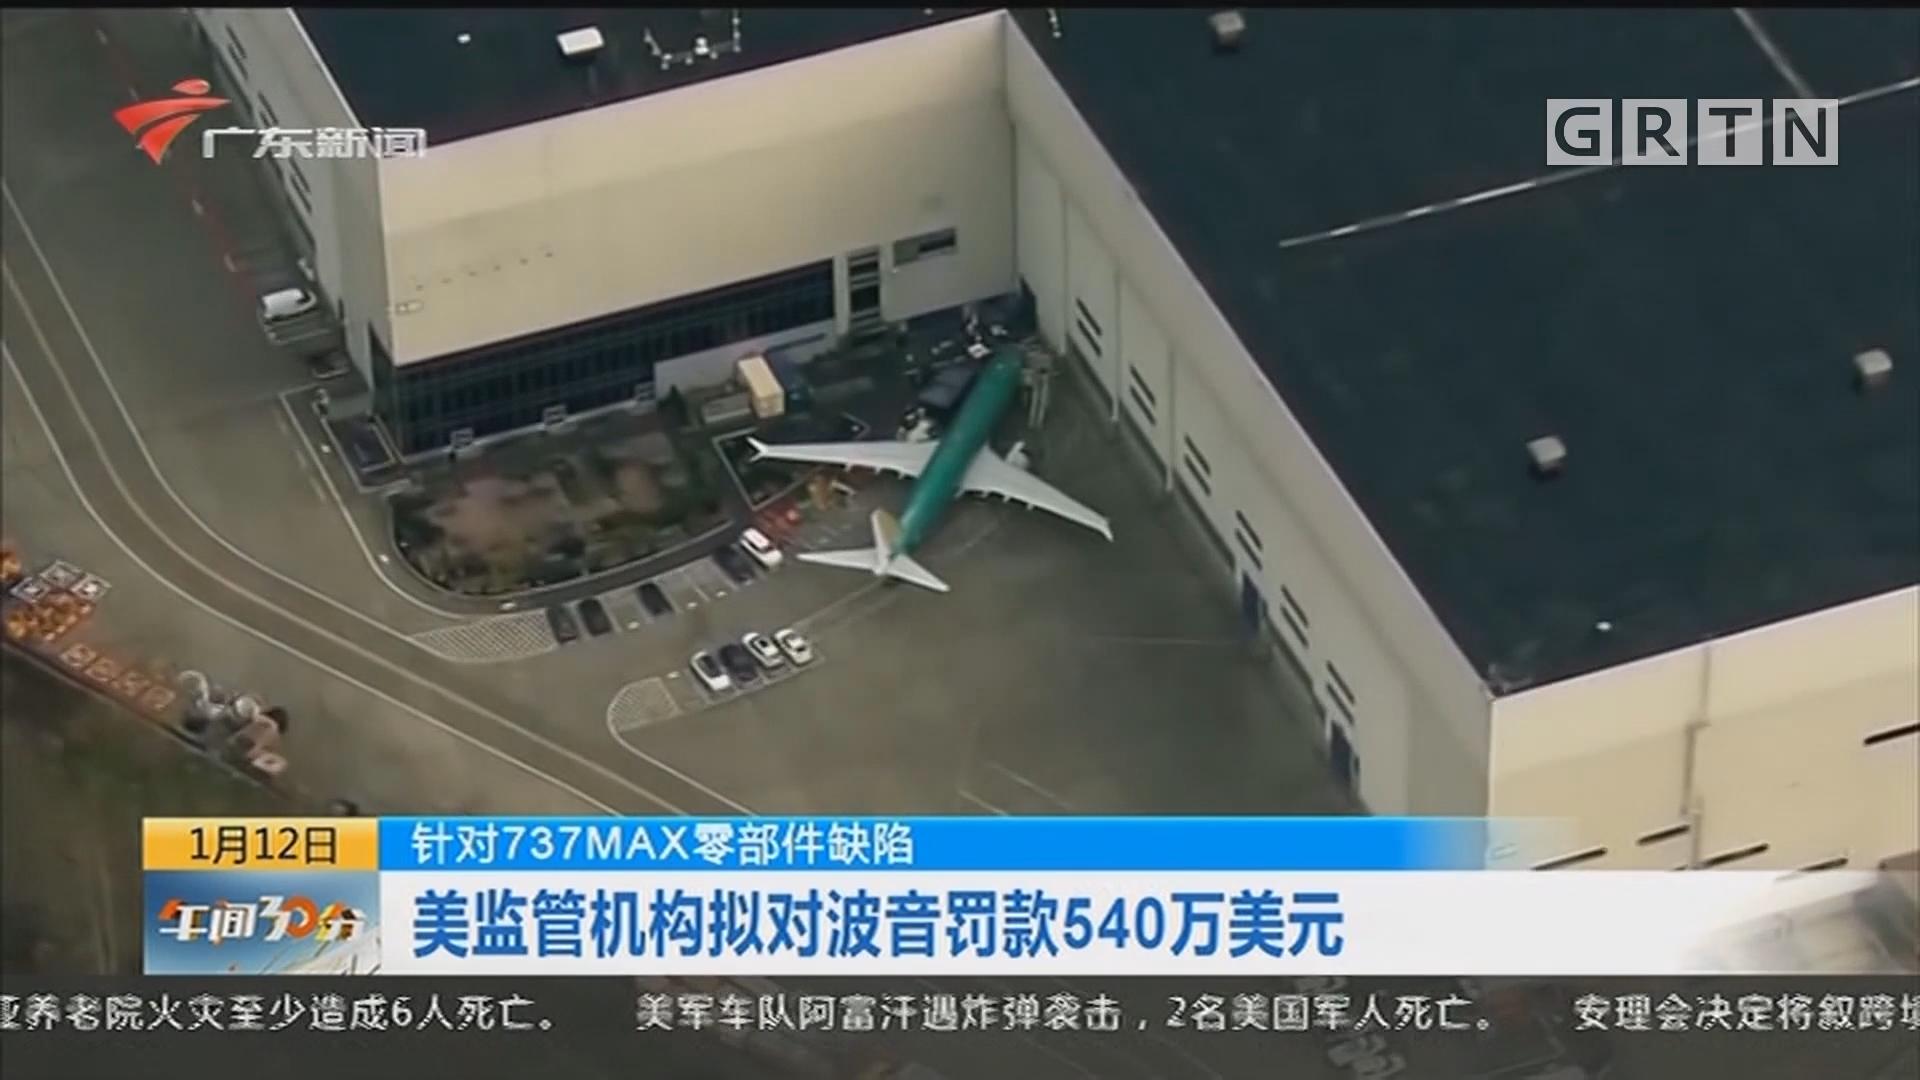 针对737MAX零部件缺陷:美监管机构拟对波音罚款540万美元